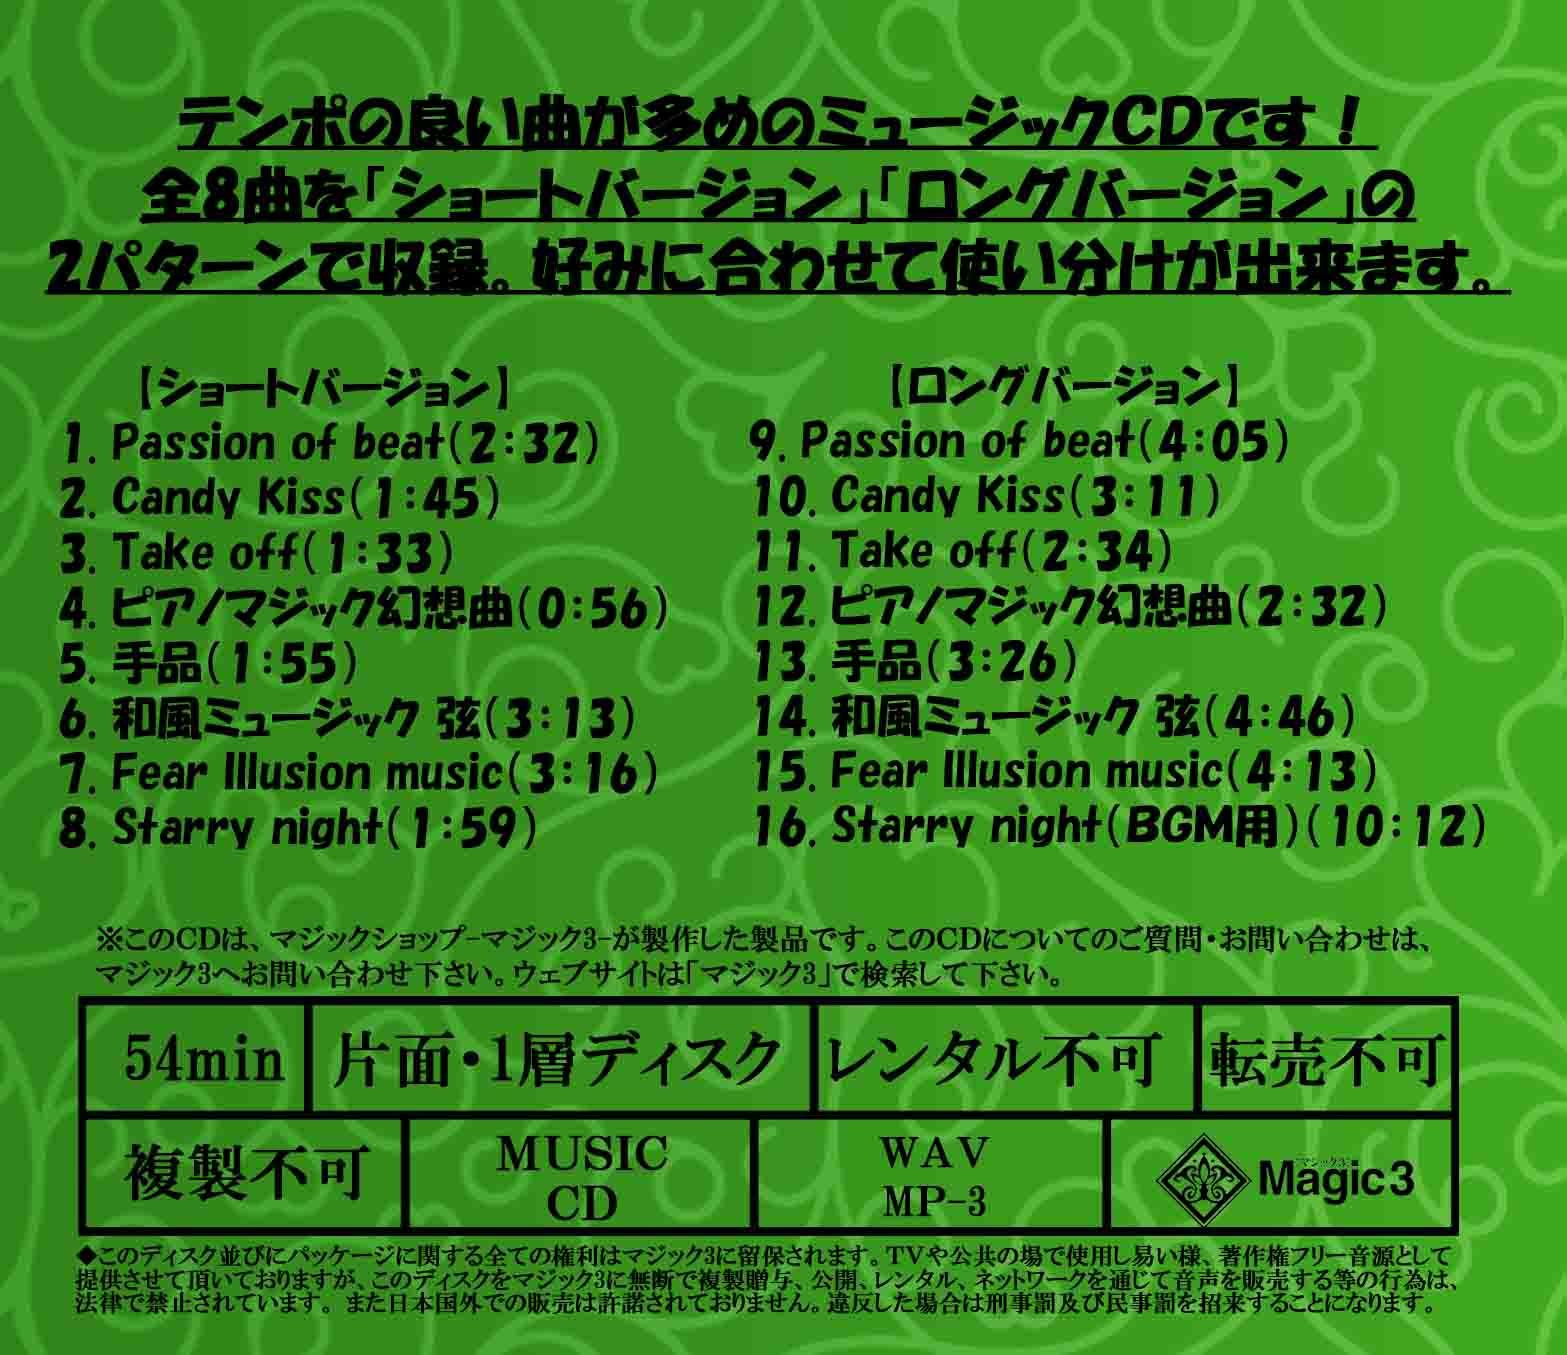 MUSIC CD by マジック3